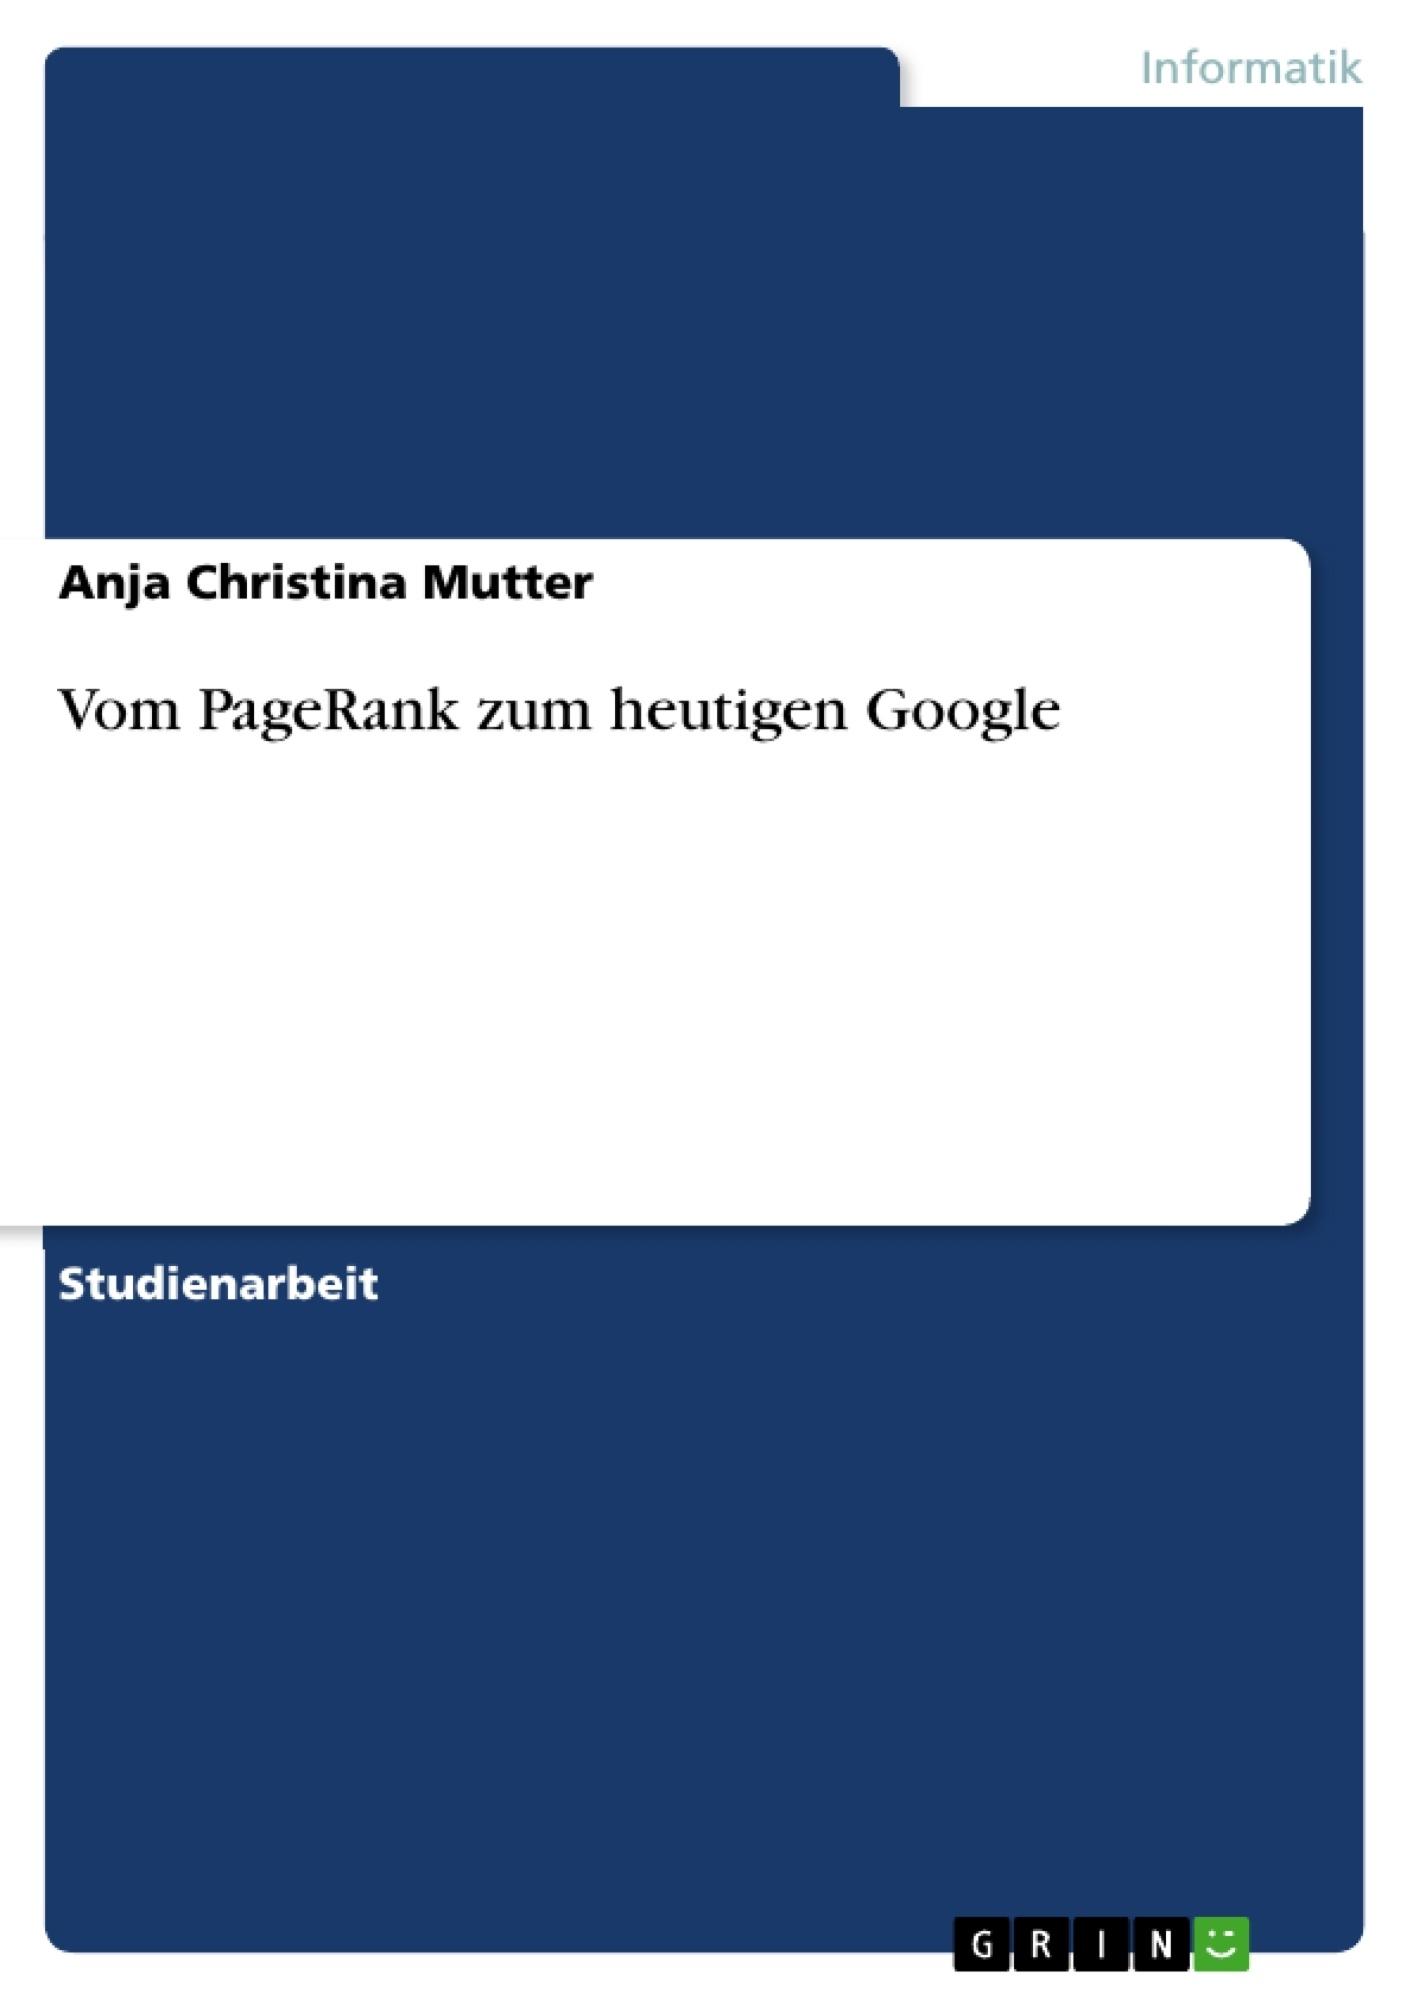 Titel: Vom PageRank zum heutigen Google